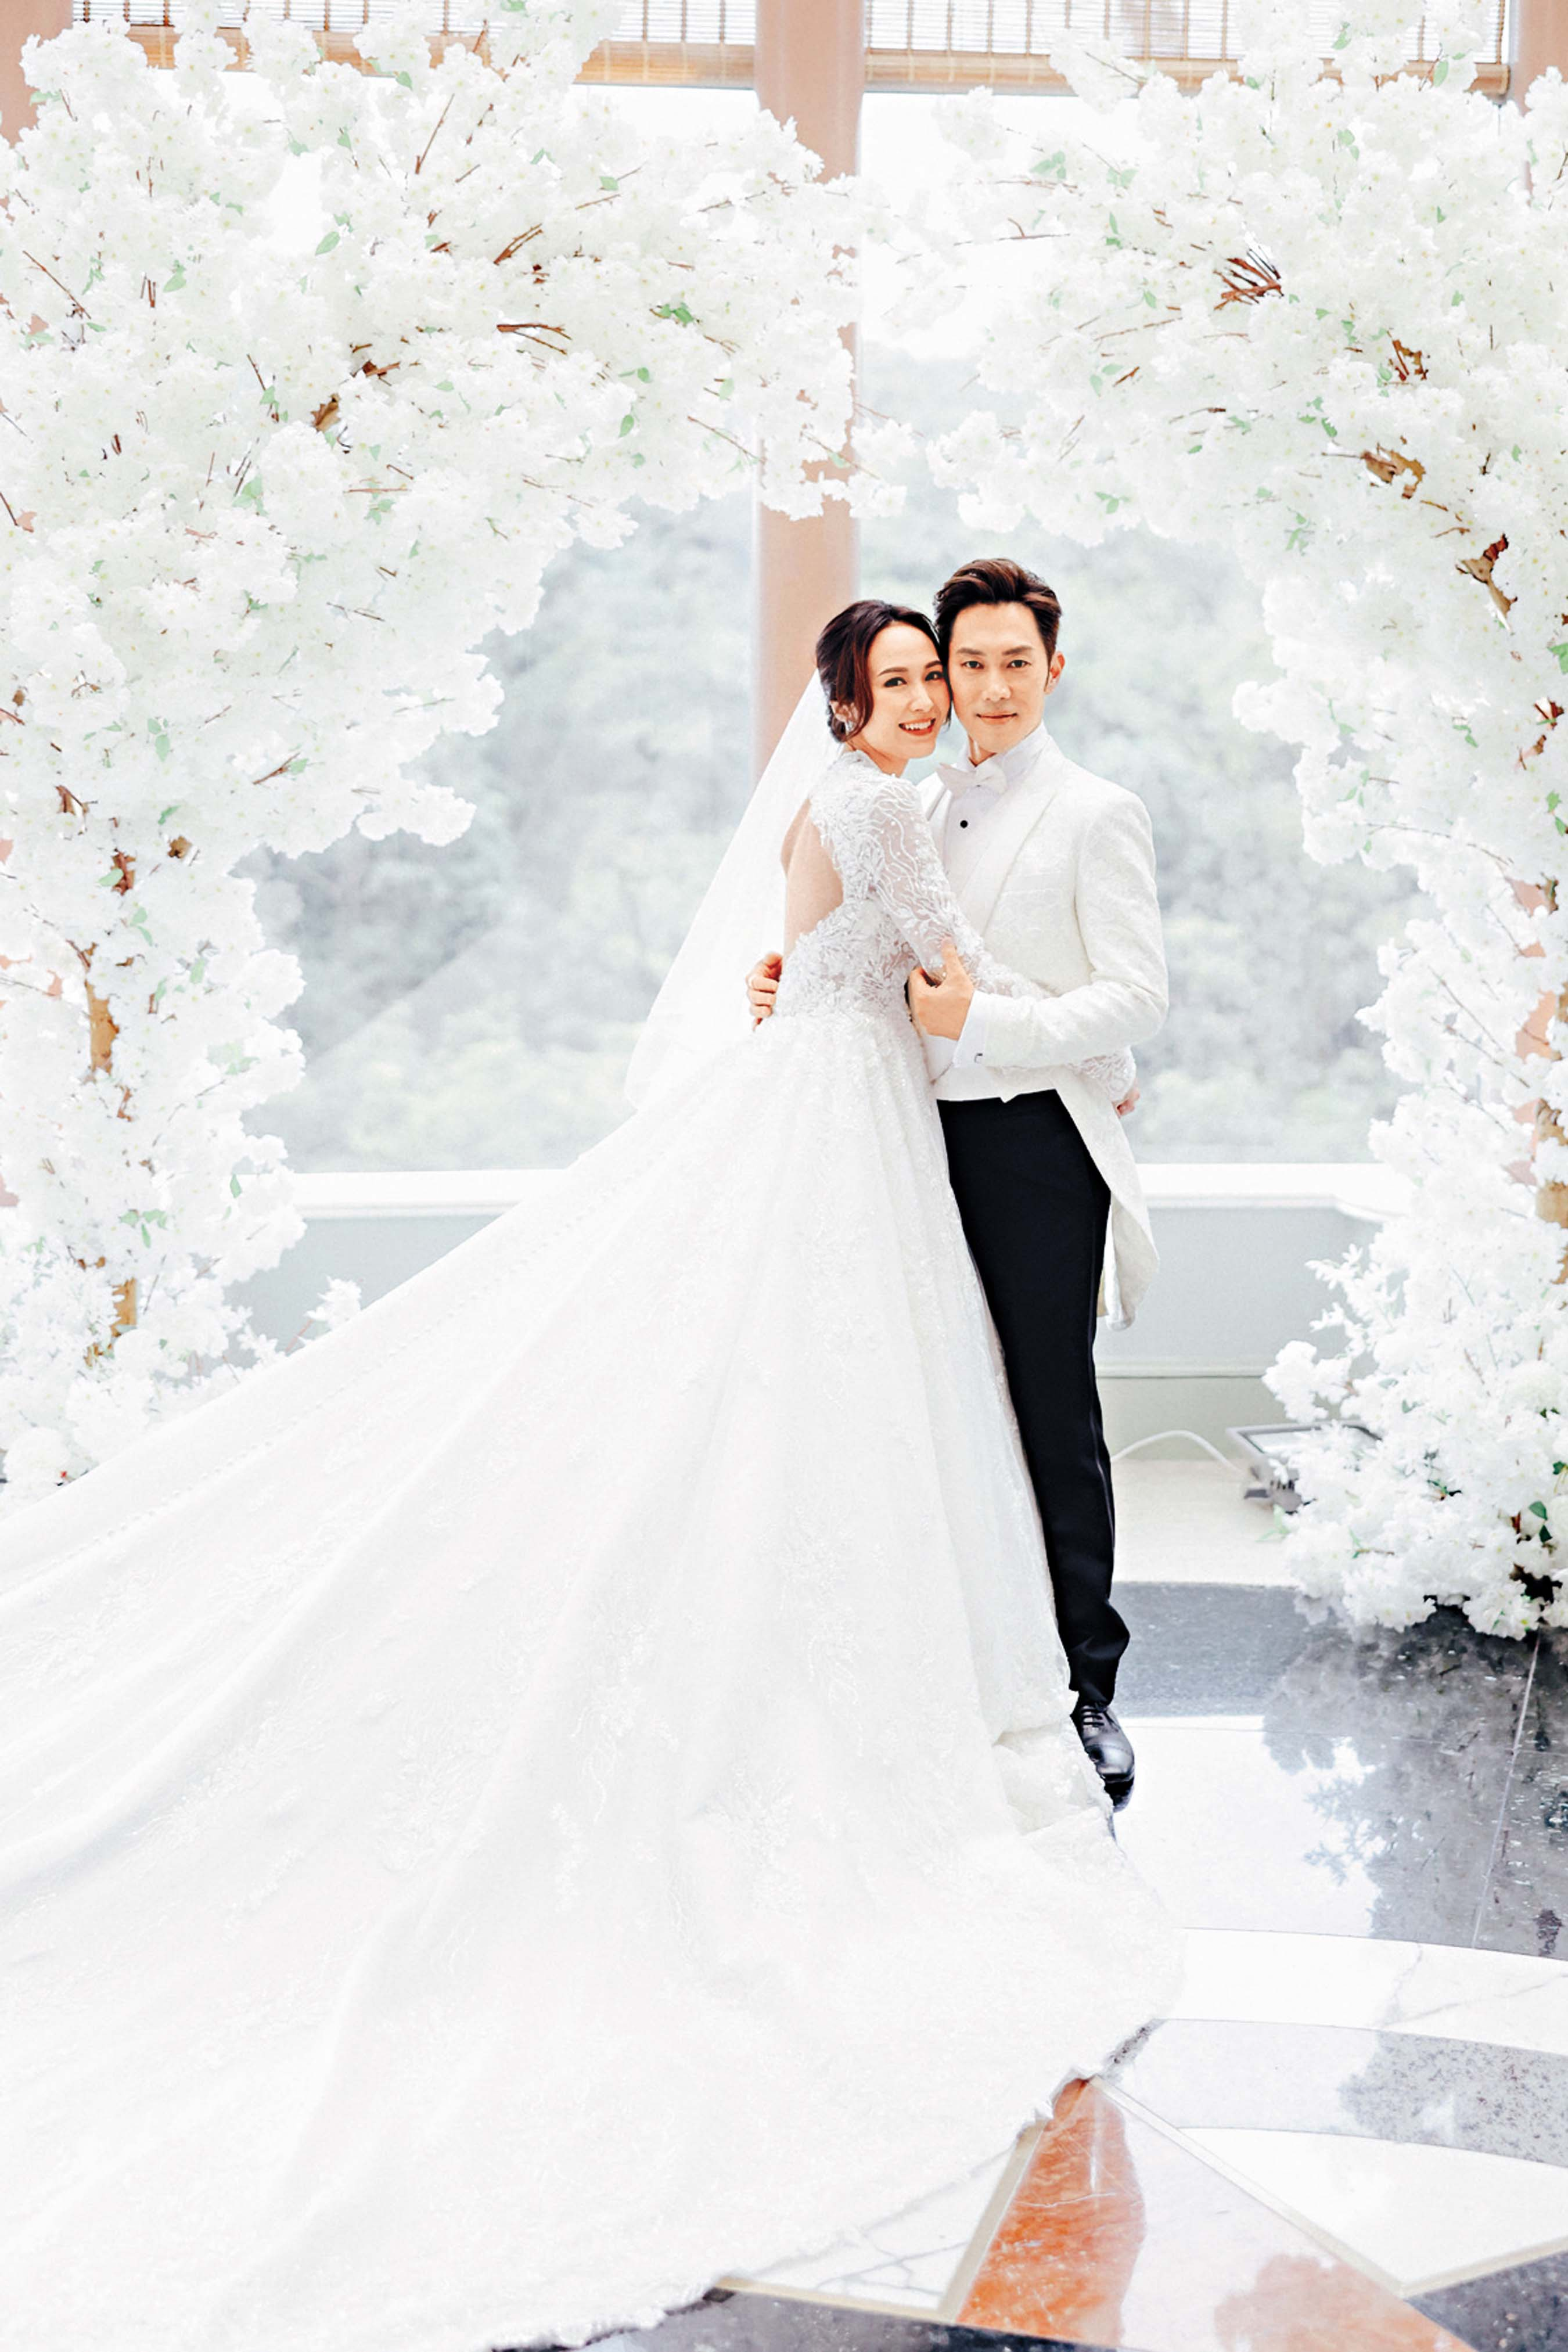 舉行婚禮時,麥秋成與湯怡換上西式禮服。